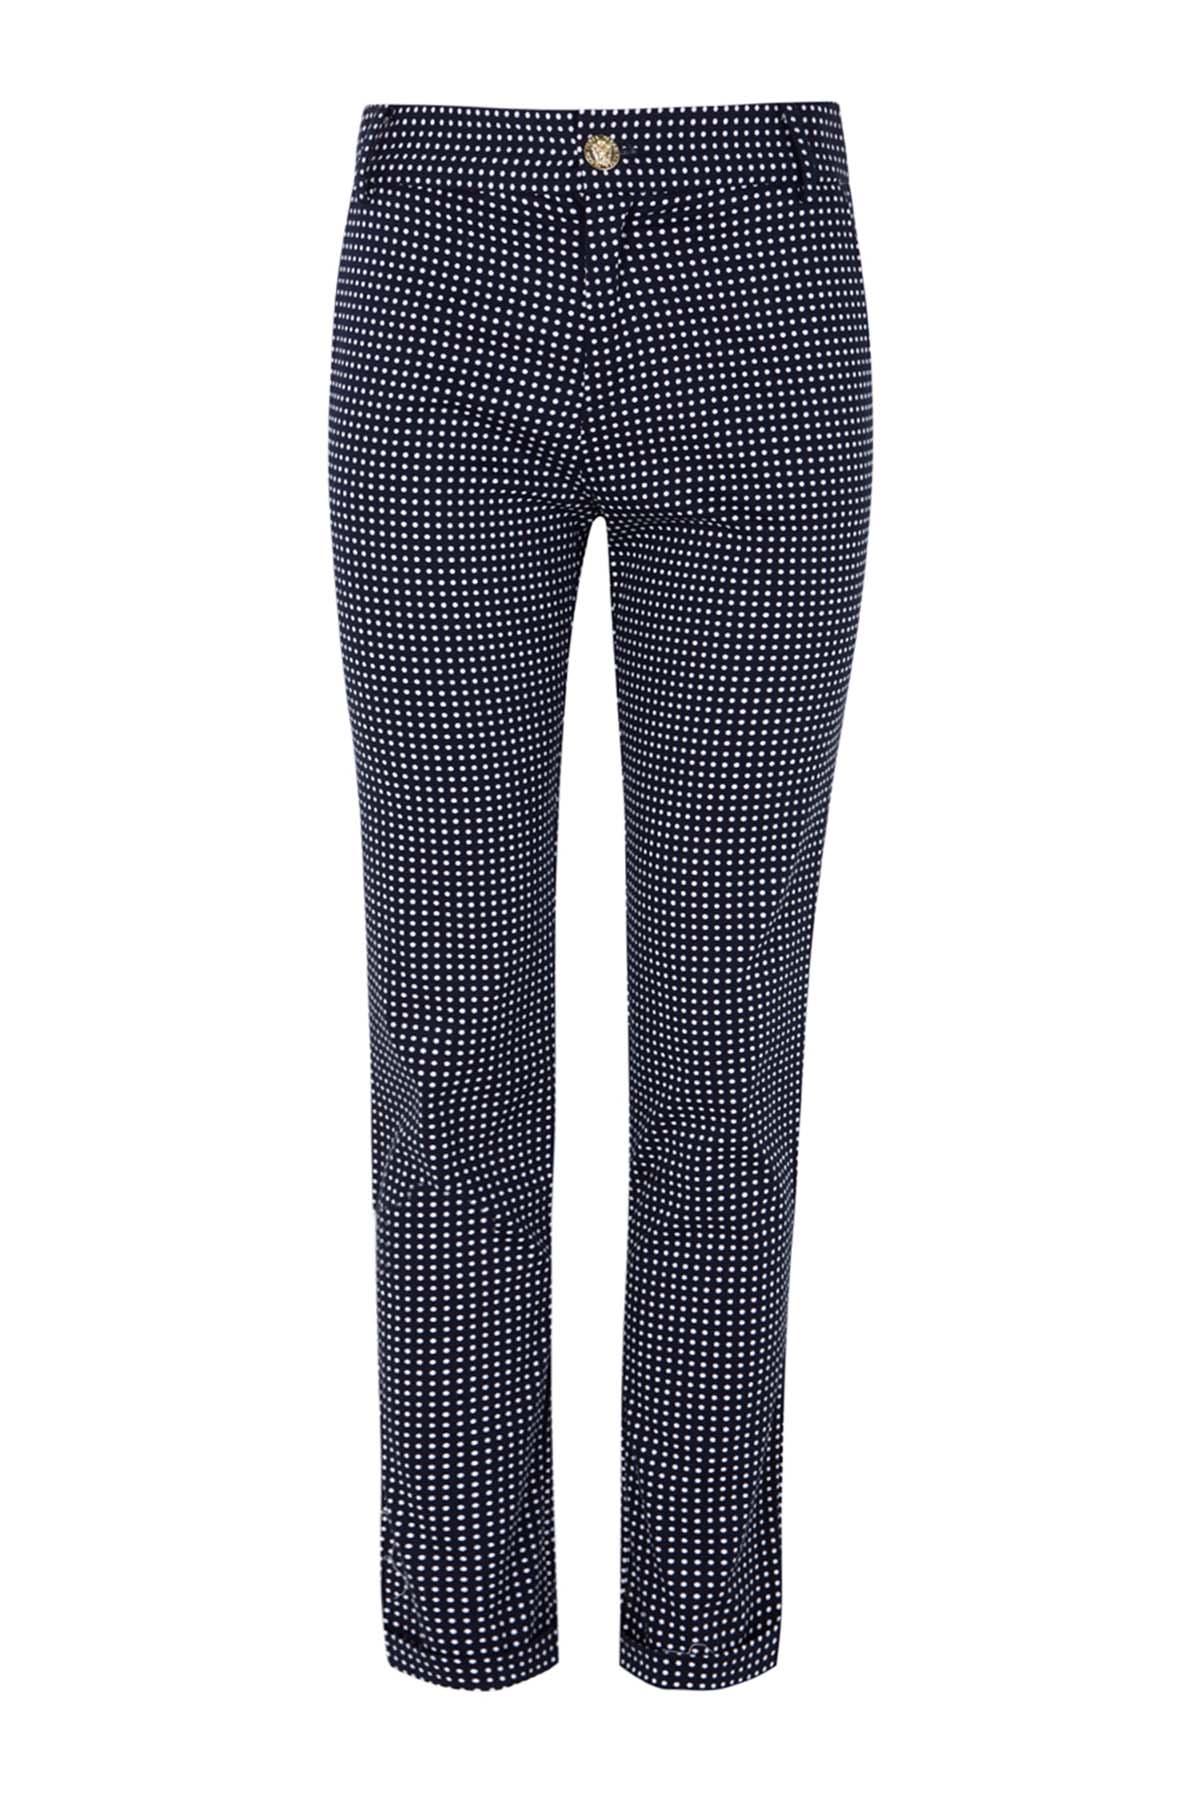 Teria Yabar - Pantalón azul con lunares blancos